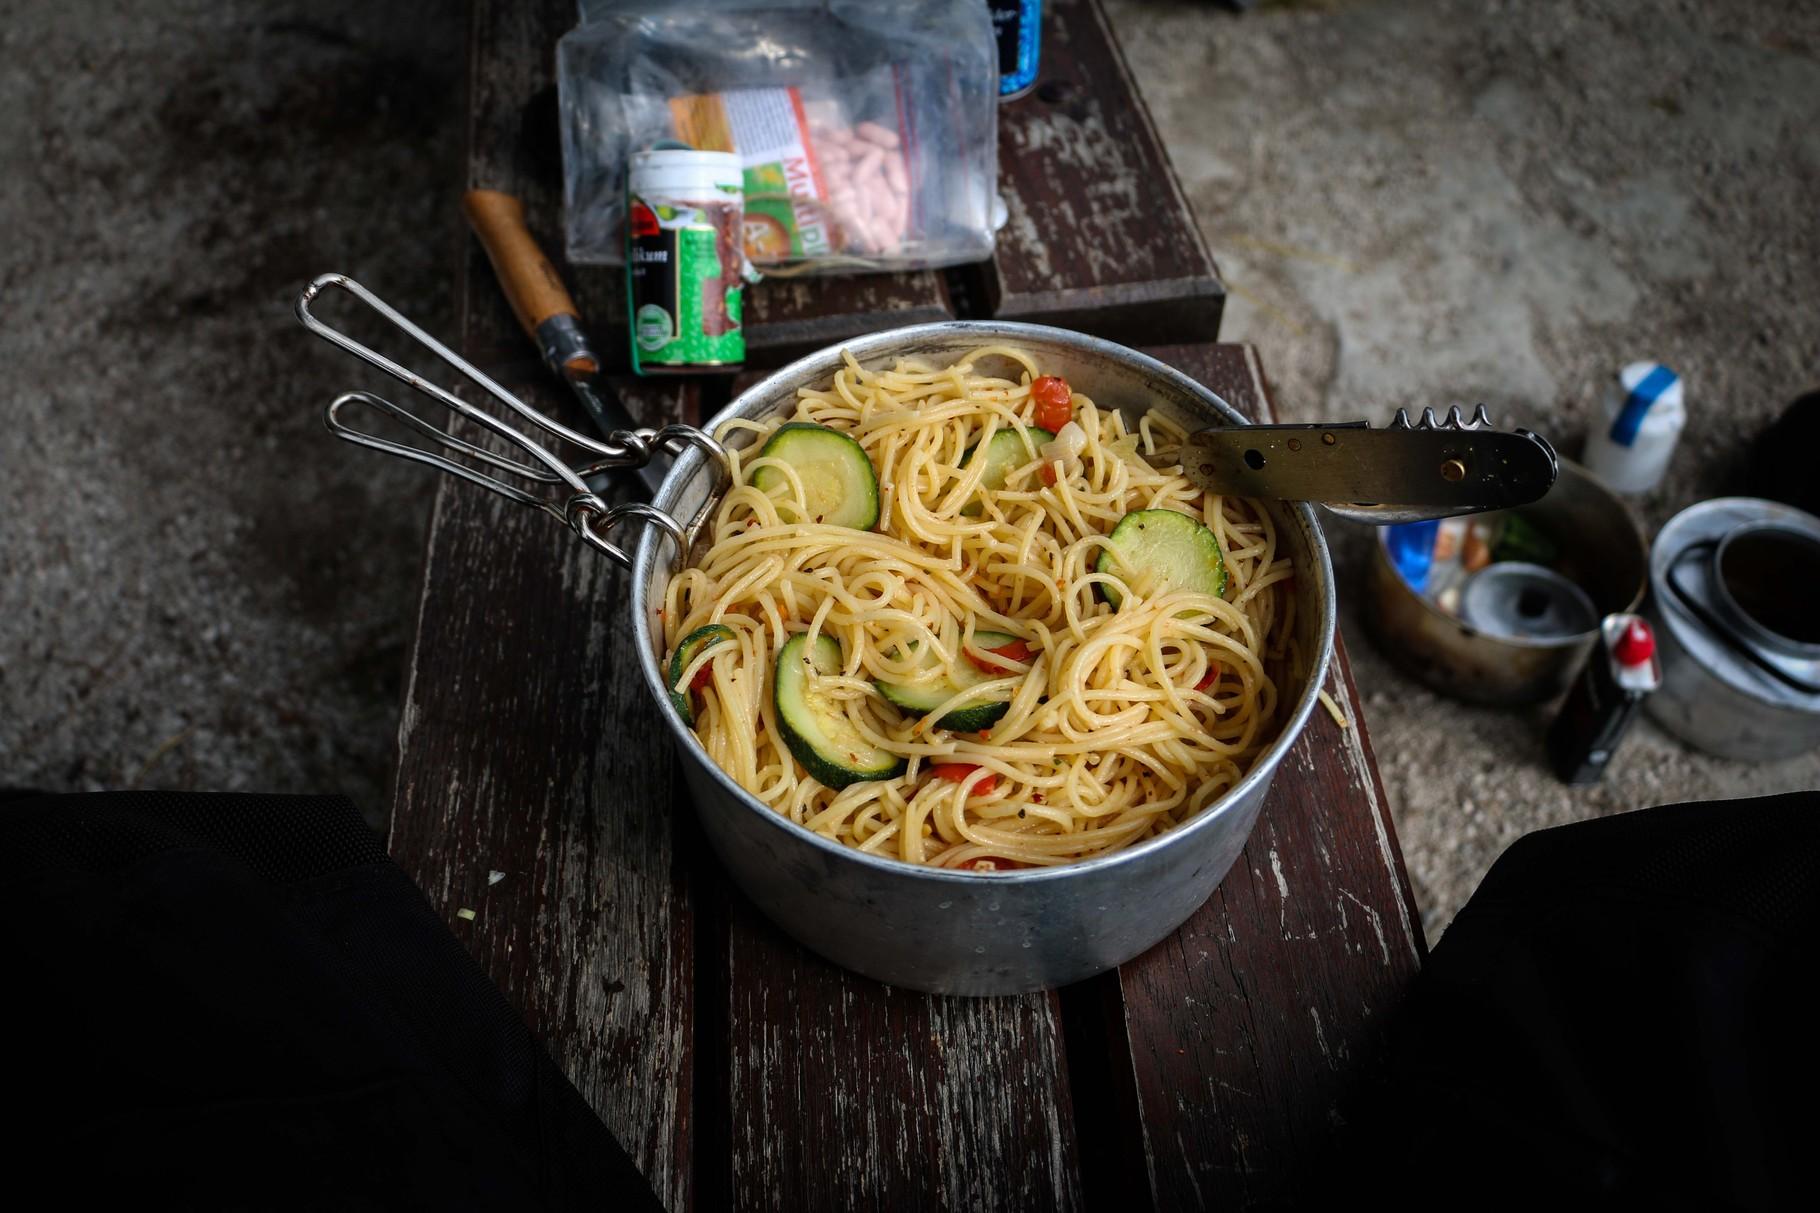 Nudeln mit Zuchini, Zwiebel und Tomaten zum satt essen